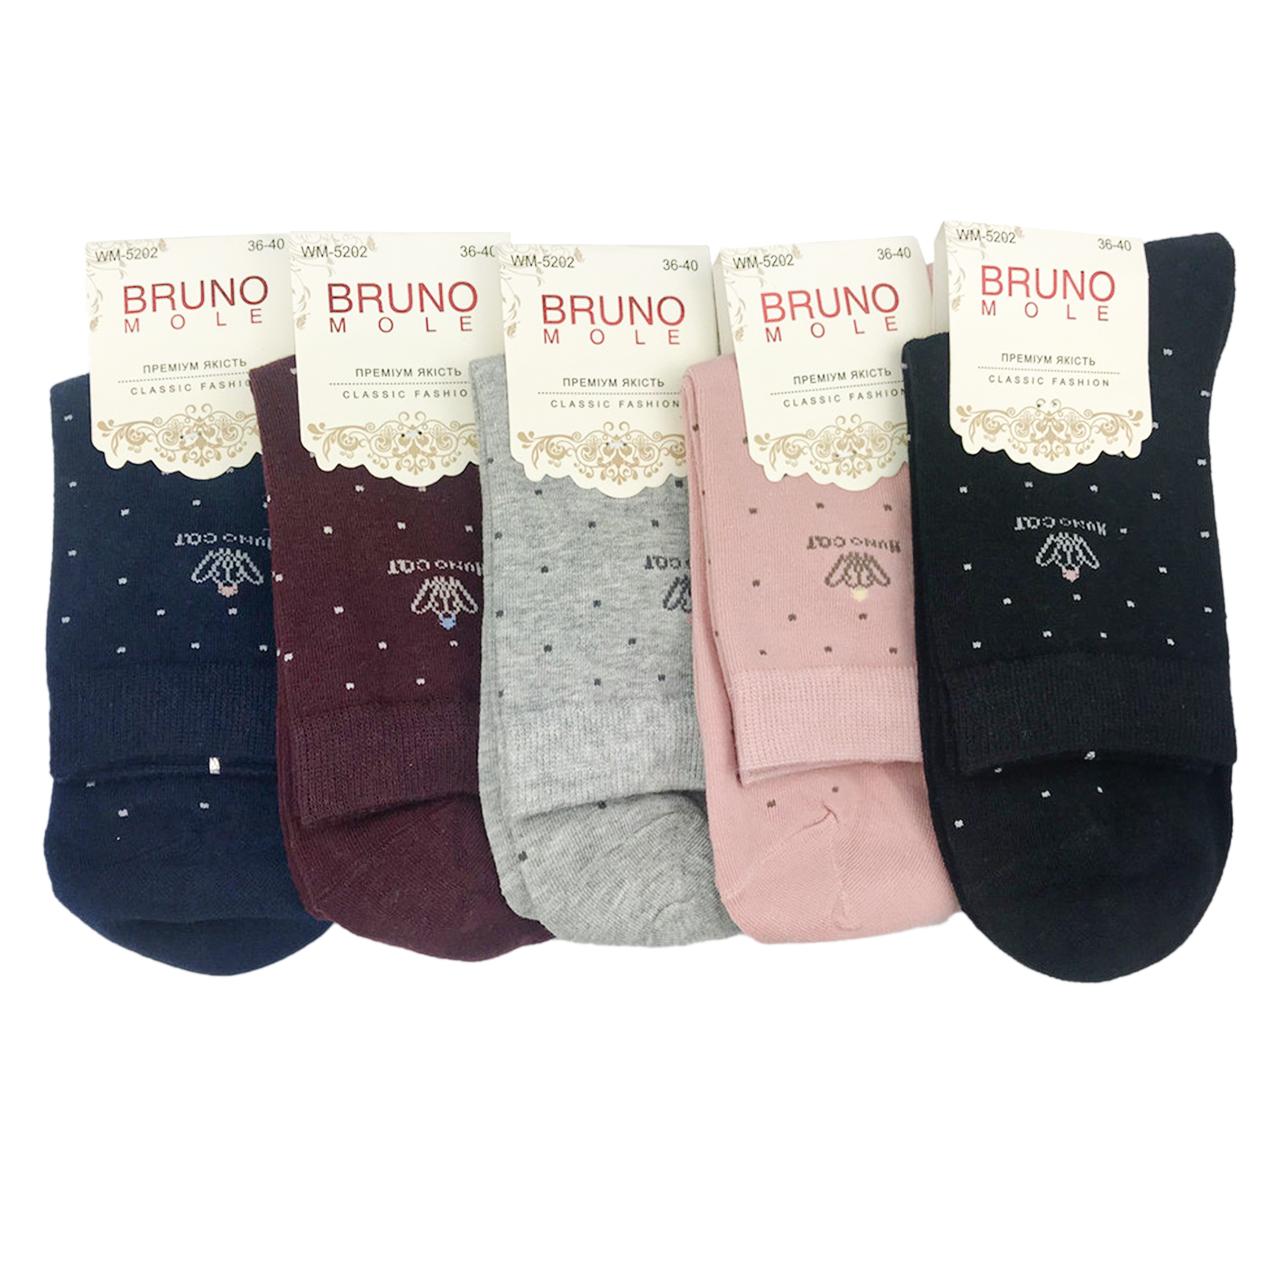 Шкарпетки жіночі середні в крапочку BRUNO р. 36-40